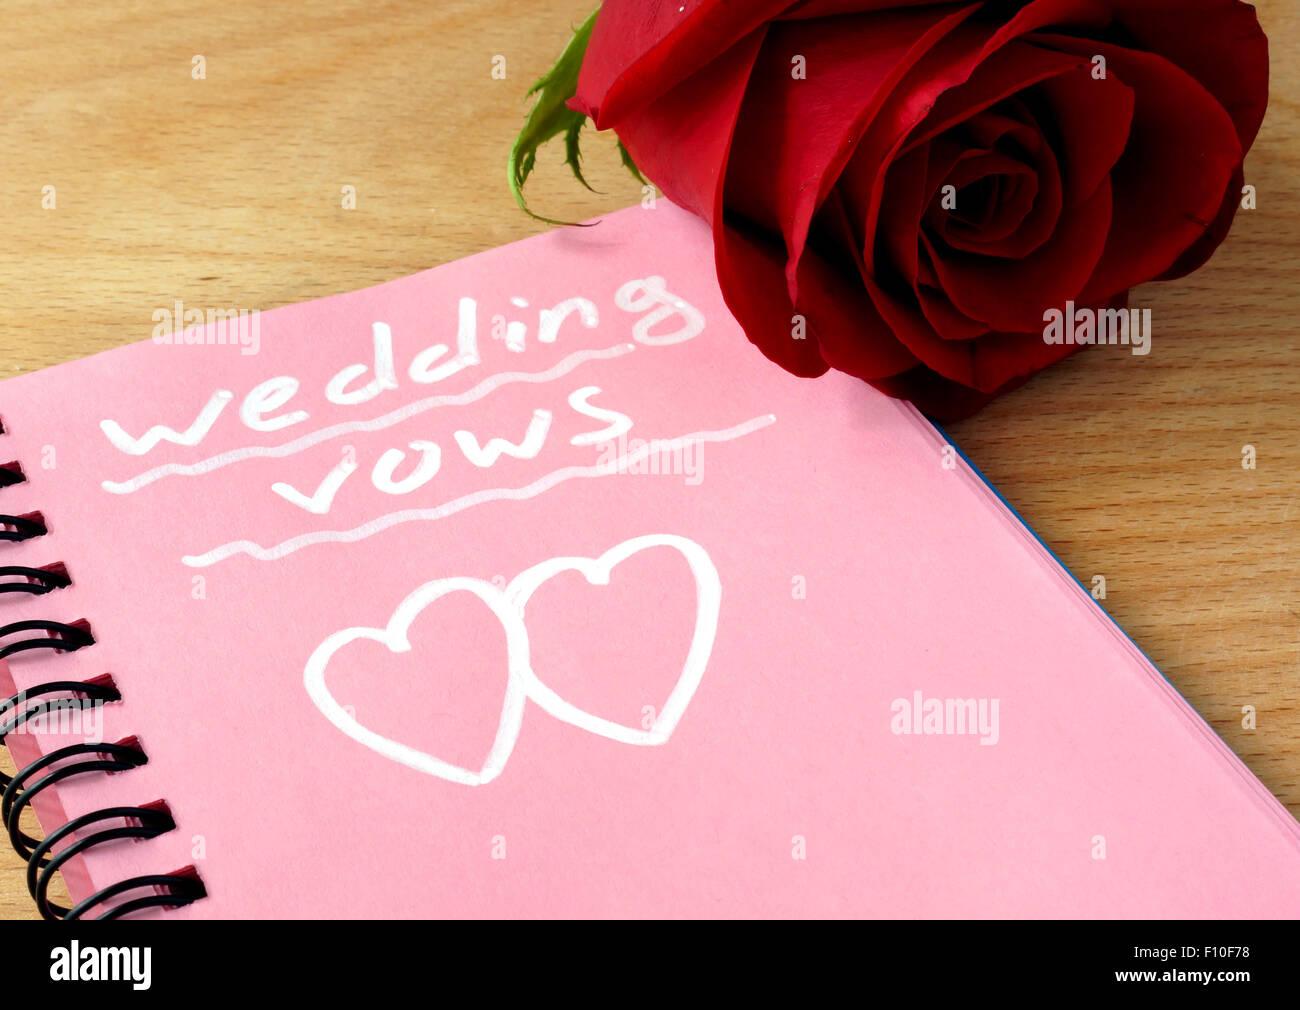 Vows Wedding Ceremony Stock Photos & Vows Wedding Ceremony Stock ...